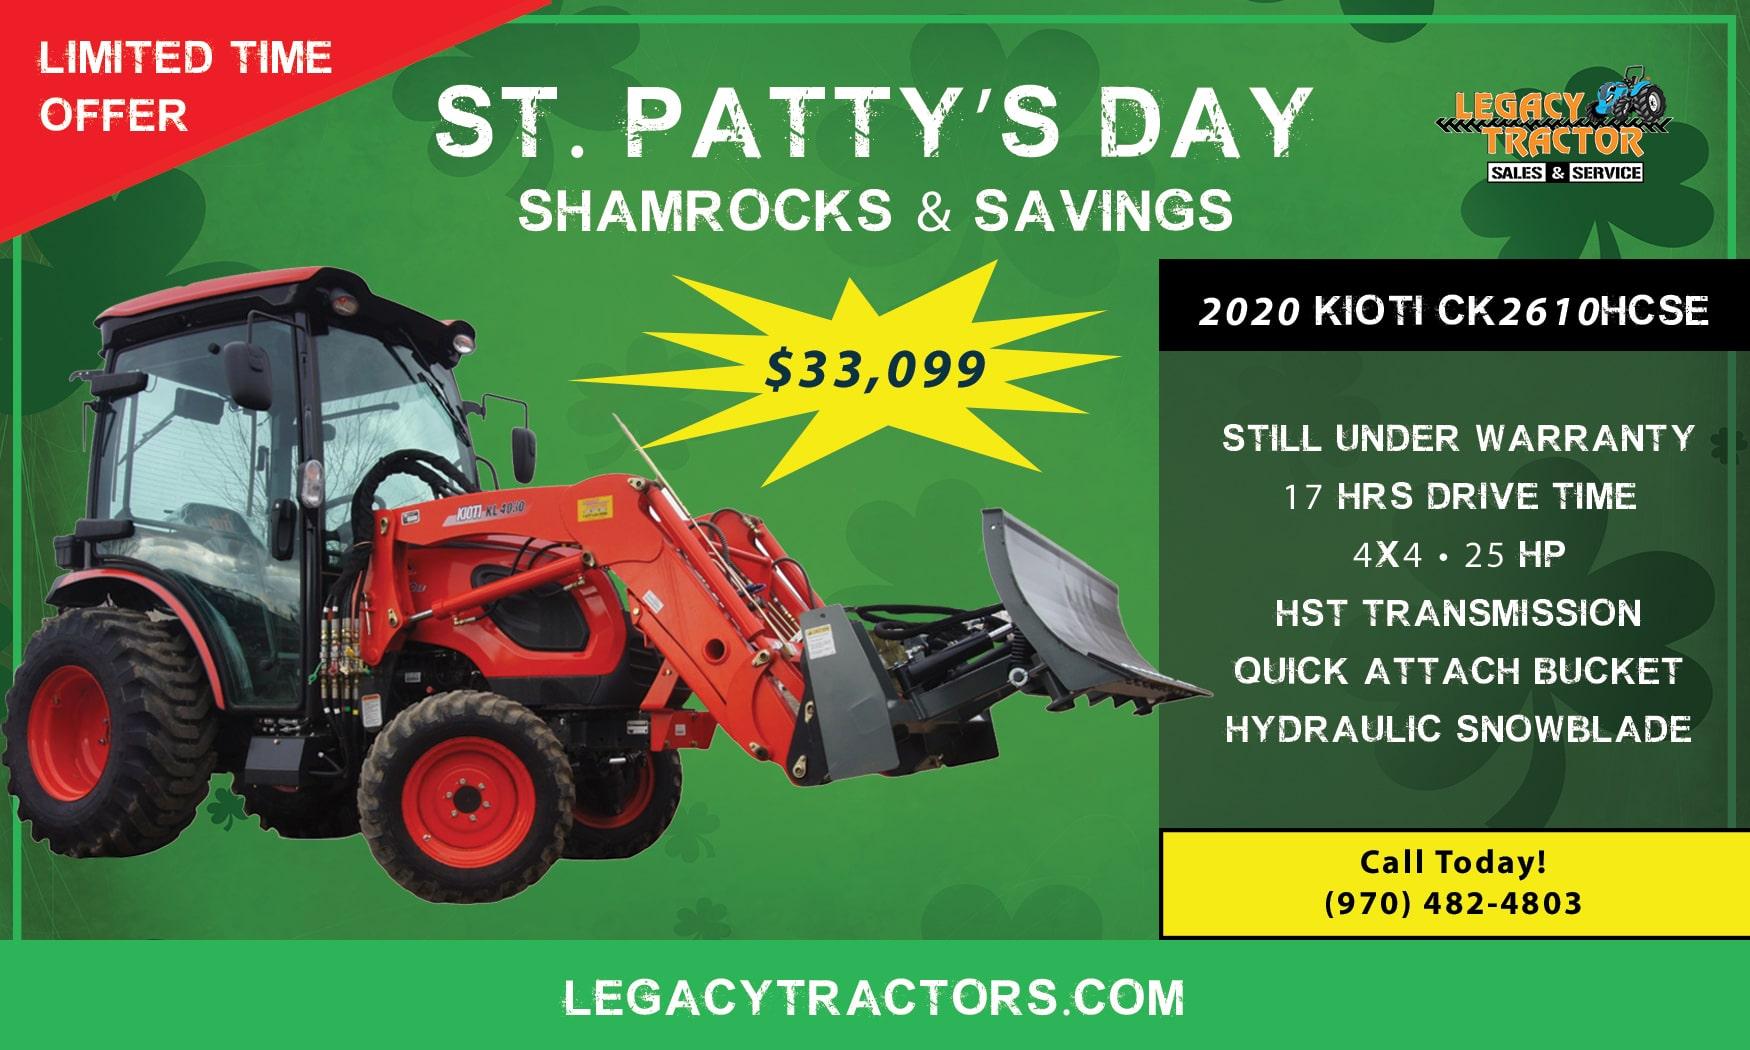 Legacy-Tractors-Shamrocks-&-Savings-KiotiCK2610HSE-2-2